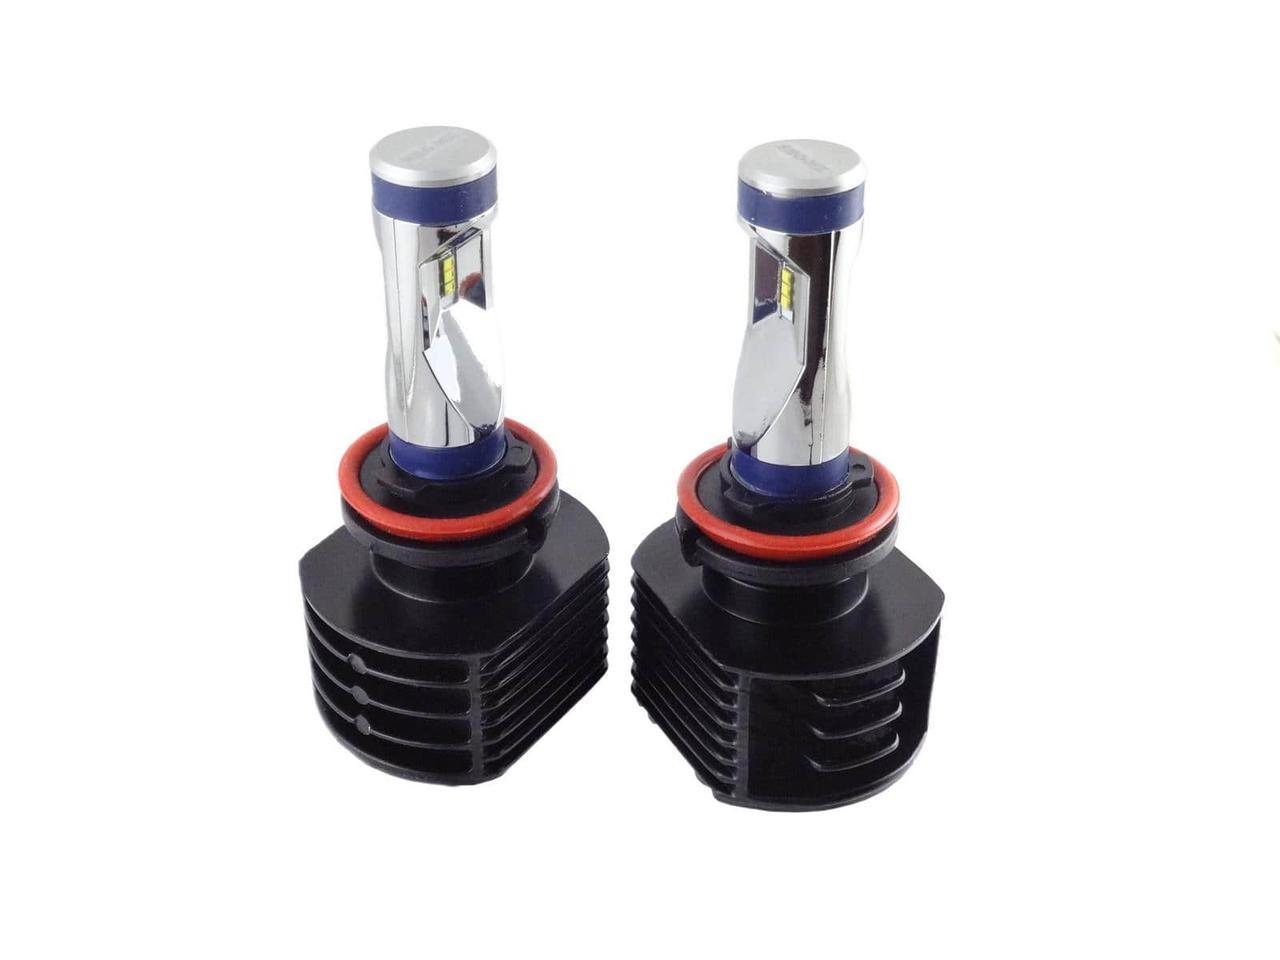 Светодиодные лампы Sho-Me G6.1 H8-9-11 25W (2шт)